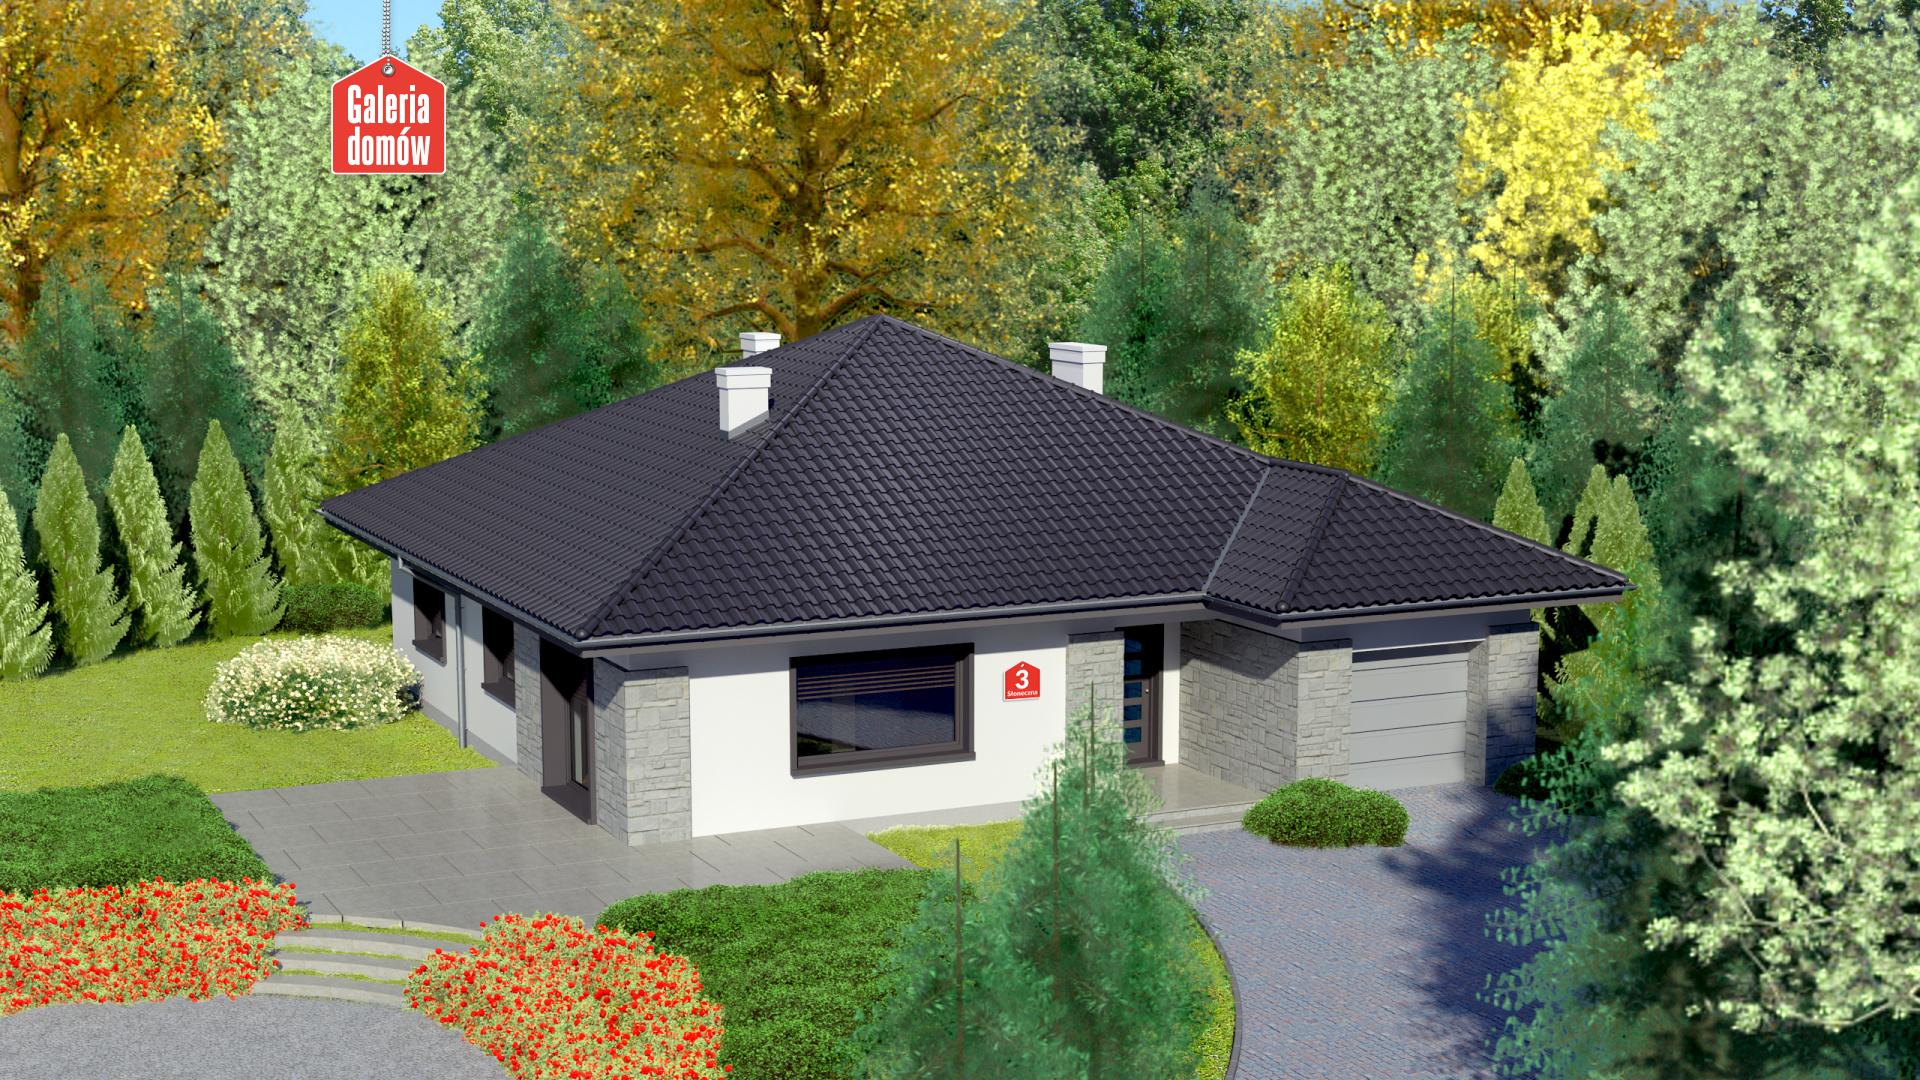 Dom przy Słonecznej 3 - zdjęcie projektu i wizualizacja